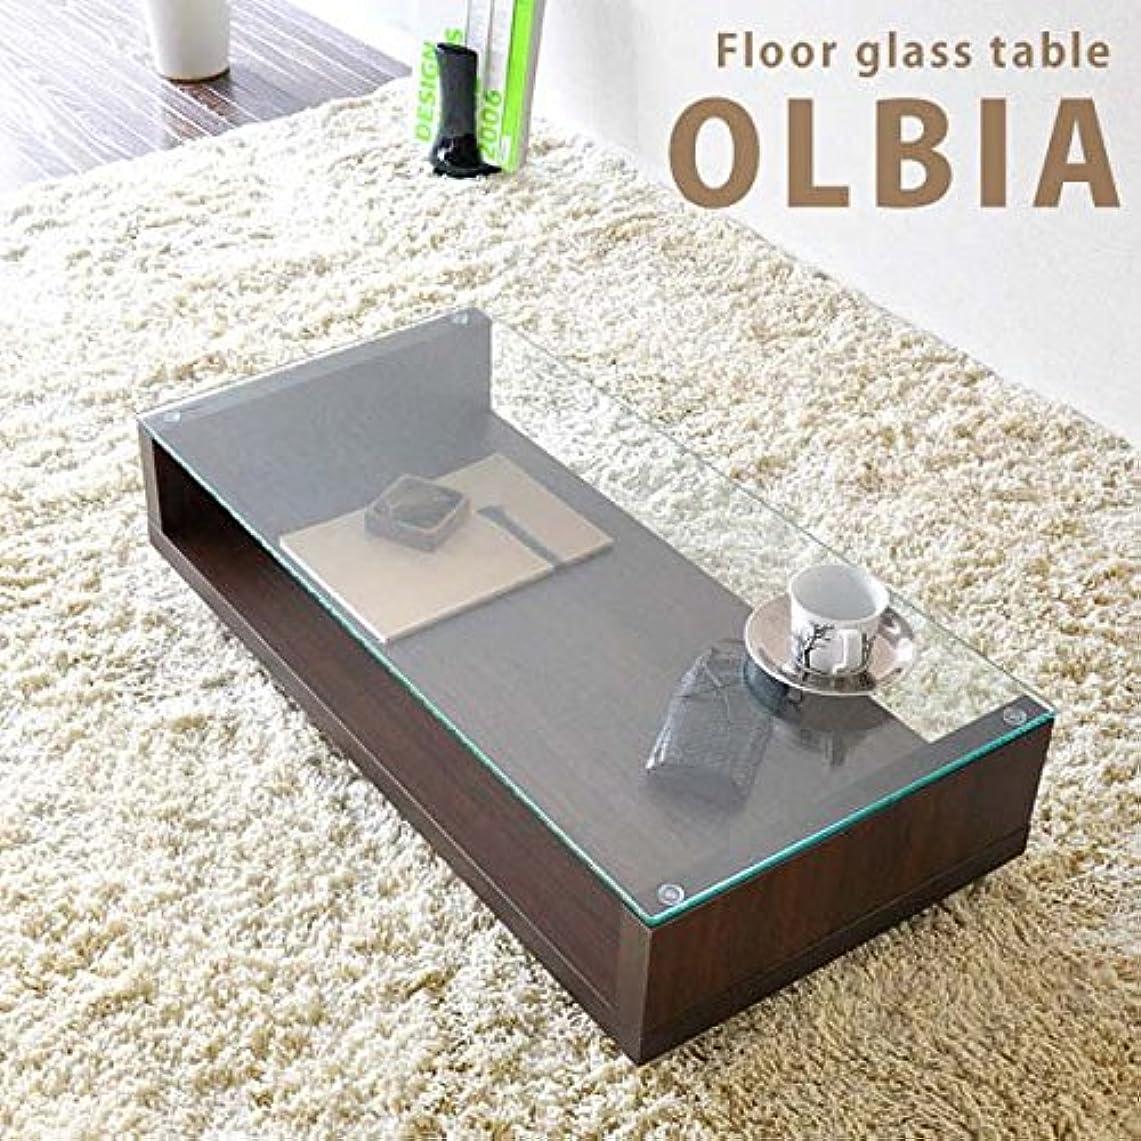 ファランクス今日逆にガラステーブル OLBIA【オルビア】ブラウン AR-GT97